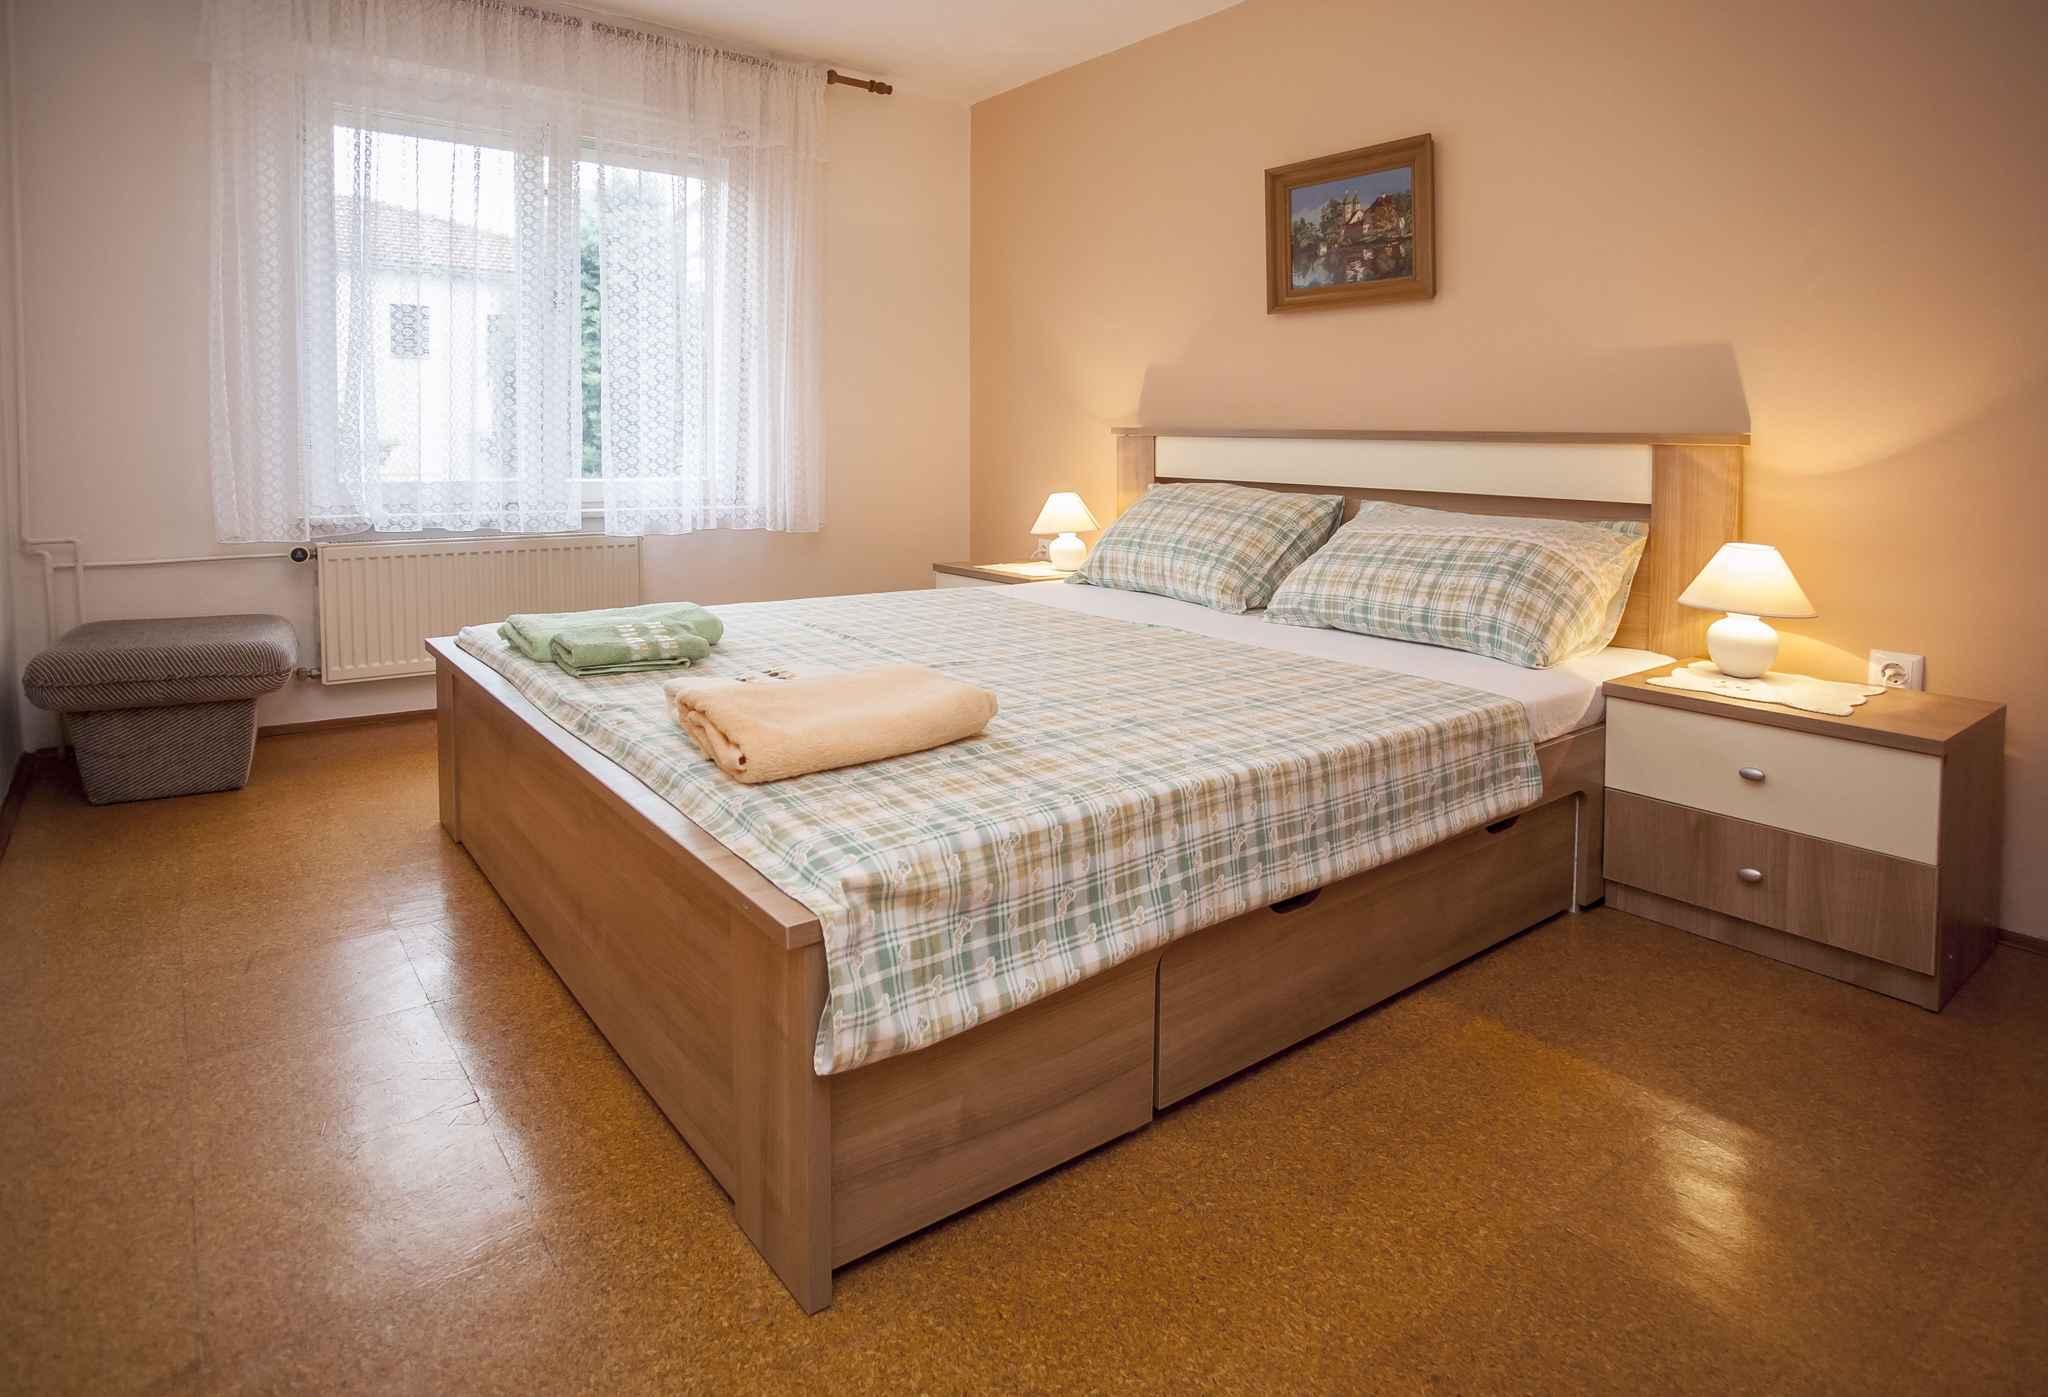 Ferienwohnung unweit des Zentrums (281003), Rovinj, , Istrien, Kroatien, Bild 11